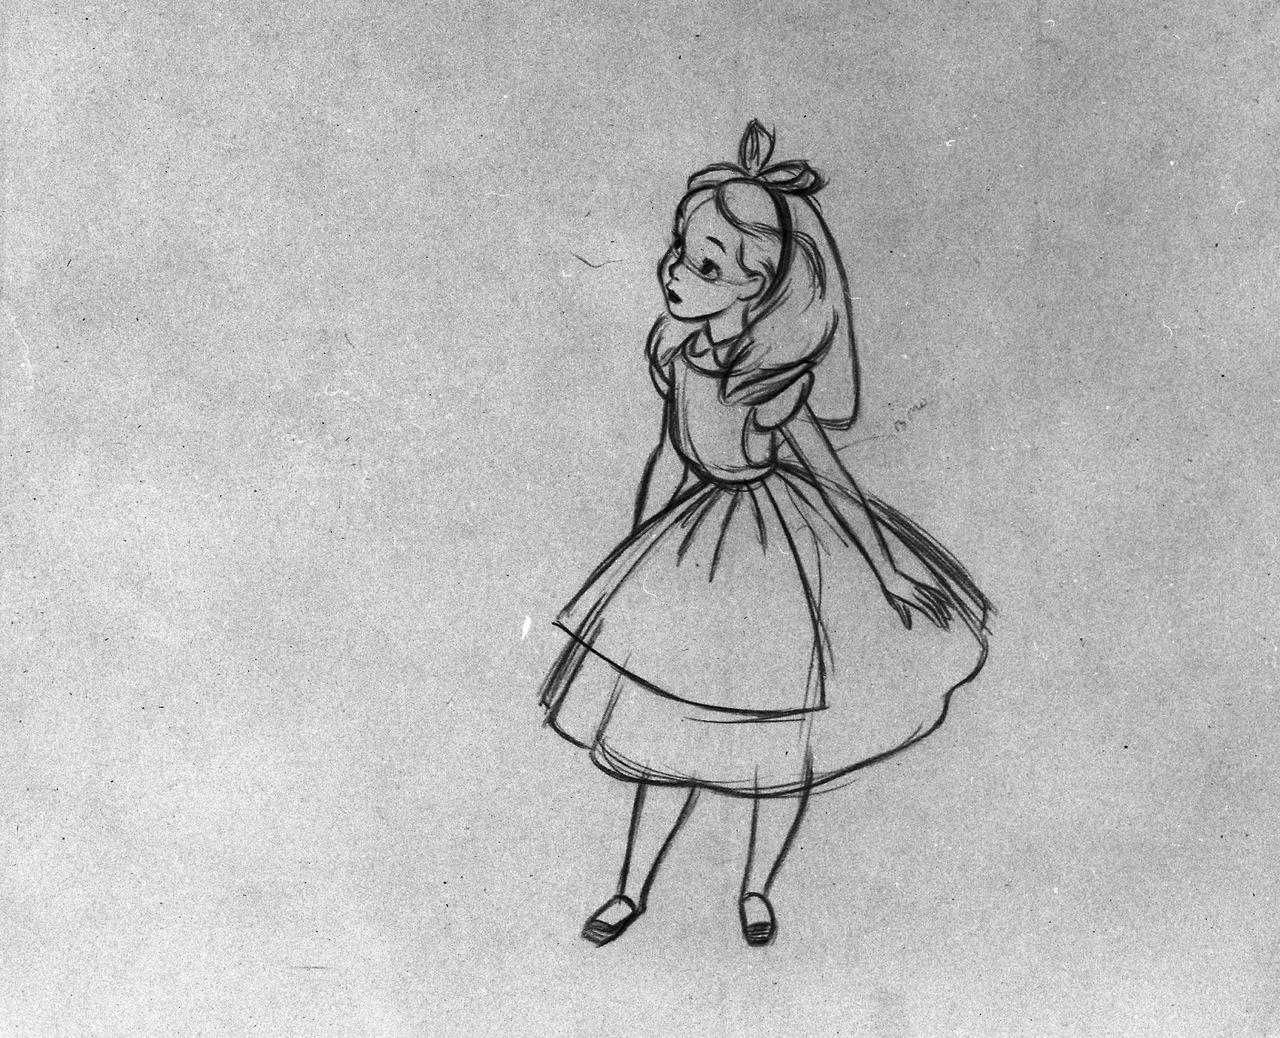 Milt kahl s animation drawings for alice in wonderland for Selbstgemalte wandbilder